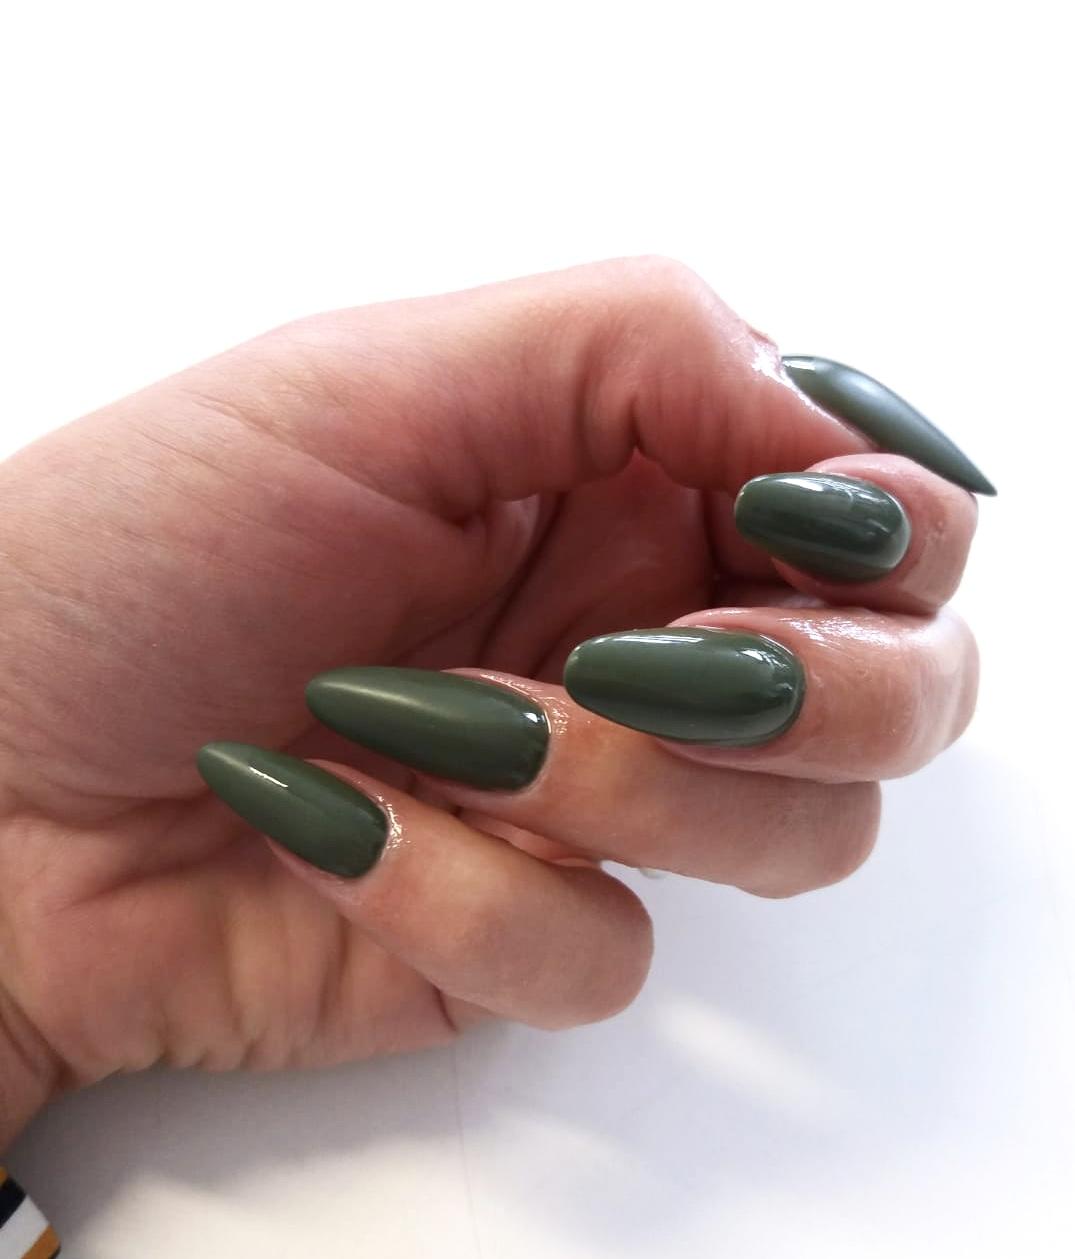 11-12 NOVEMBRE CORSO BASE TECNICA GEL corsi professionali treviso nails